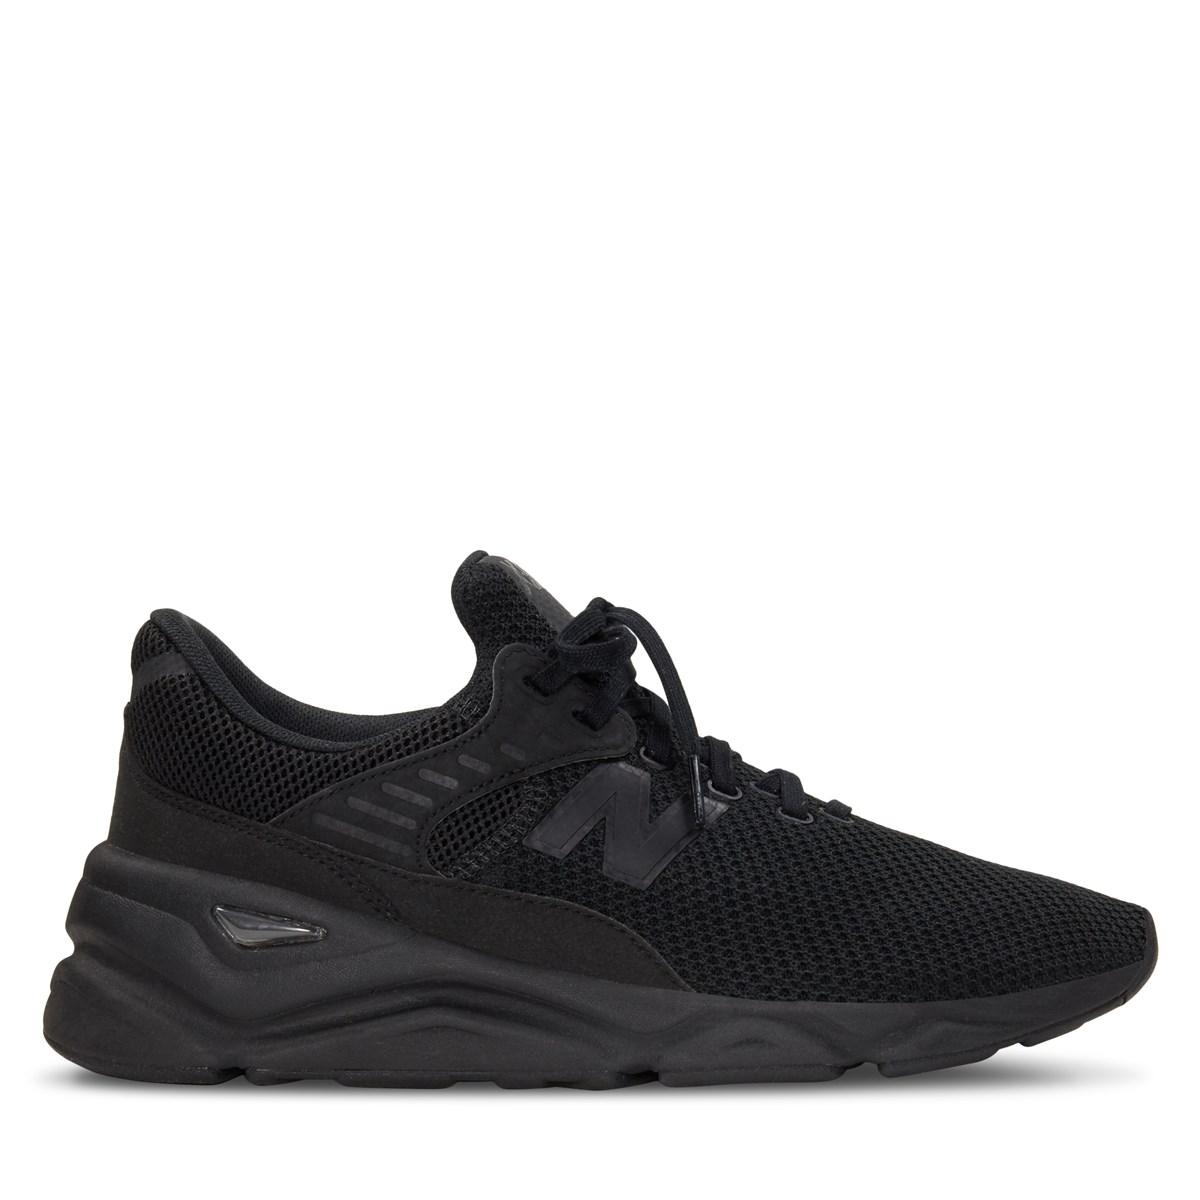 Men's X-90 Sneaker in Black